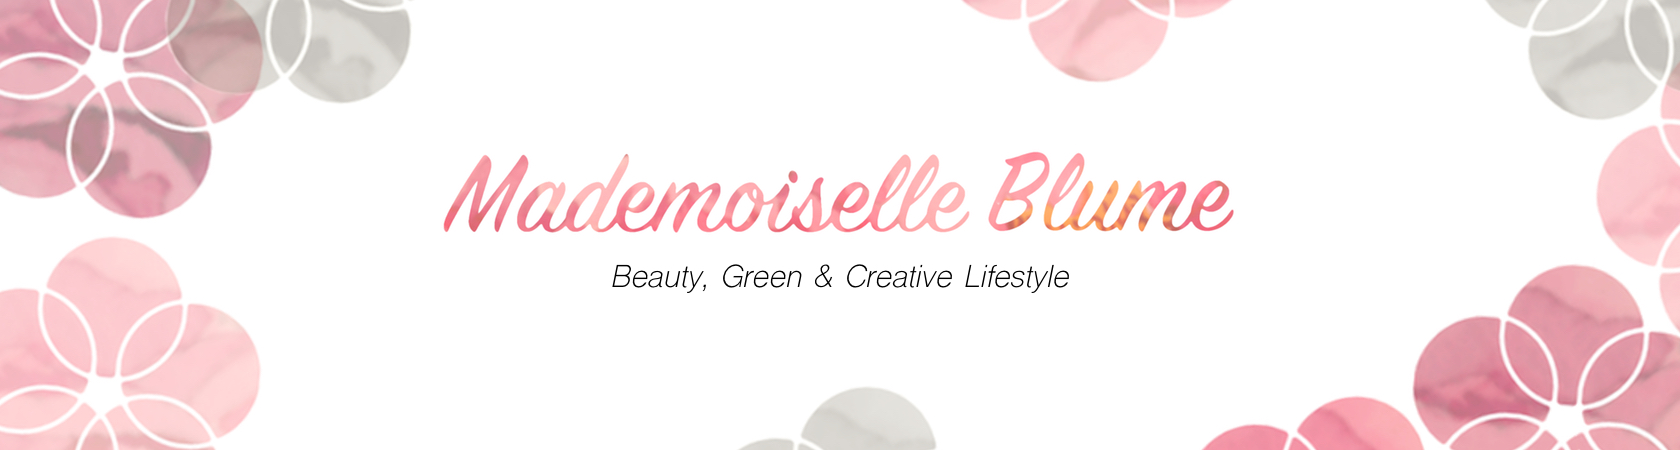 MademoiselleBlume